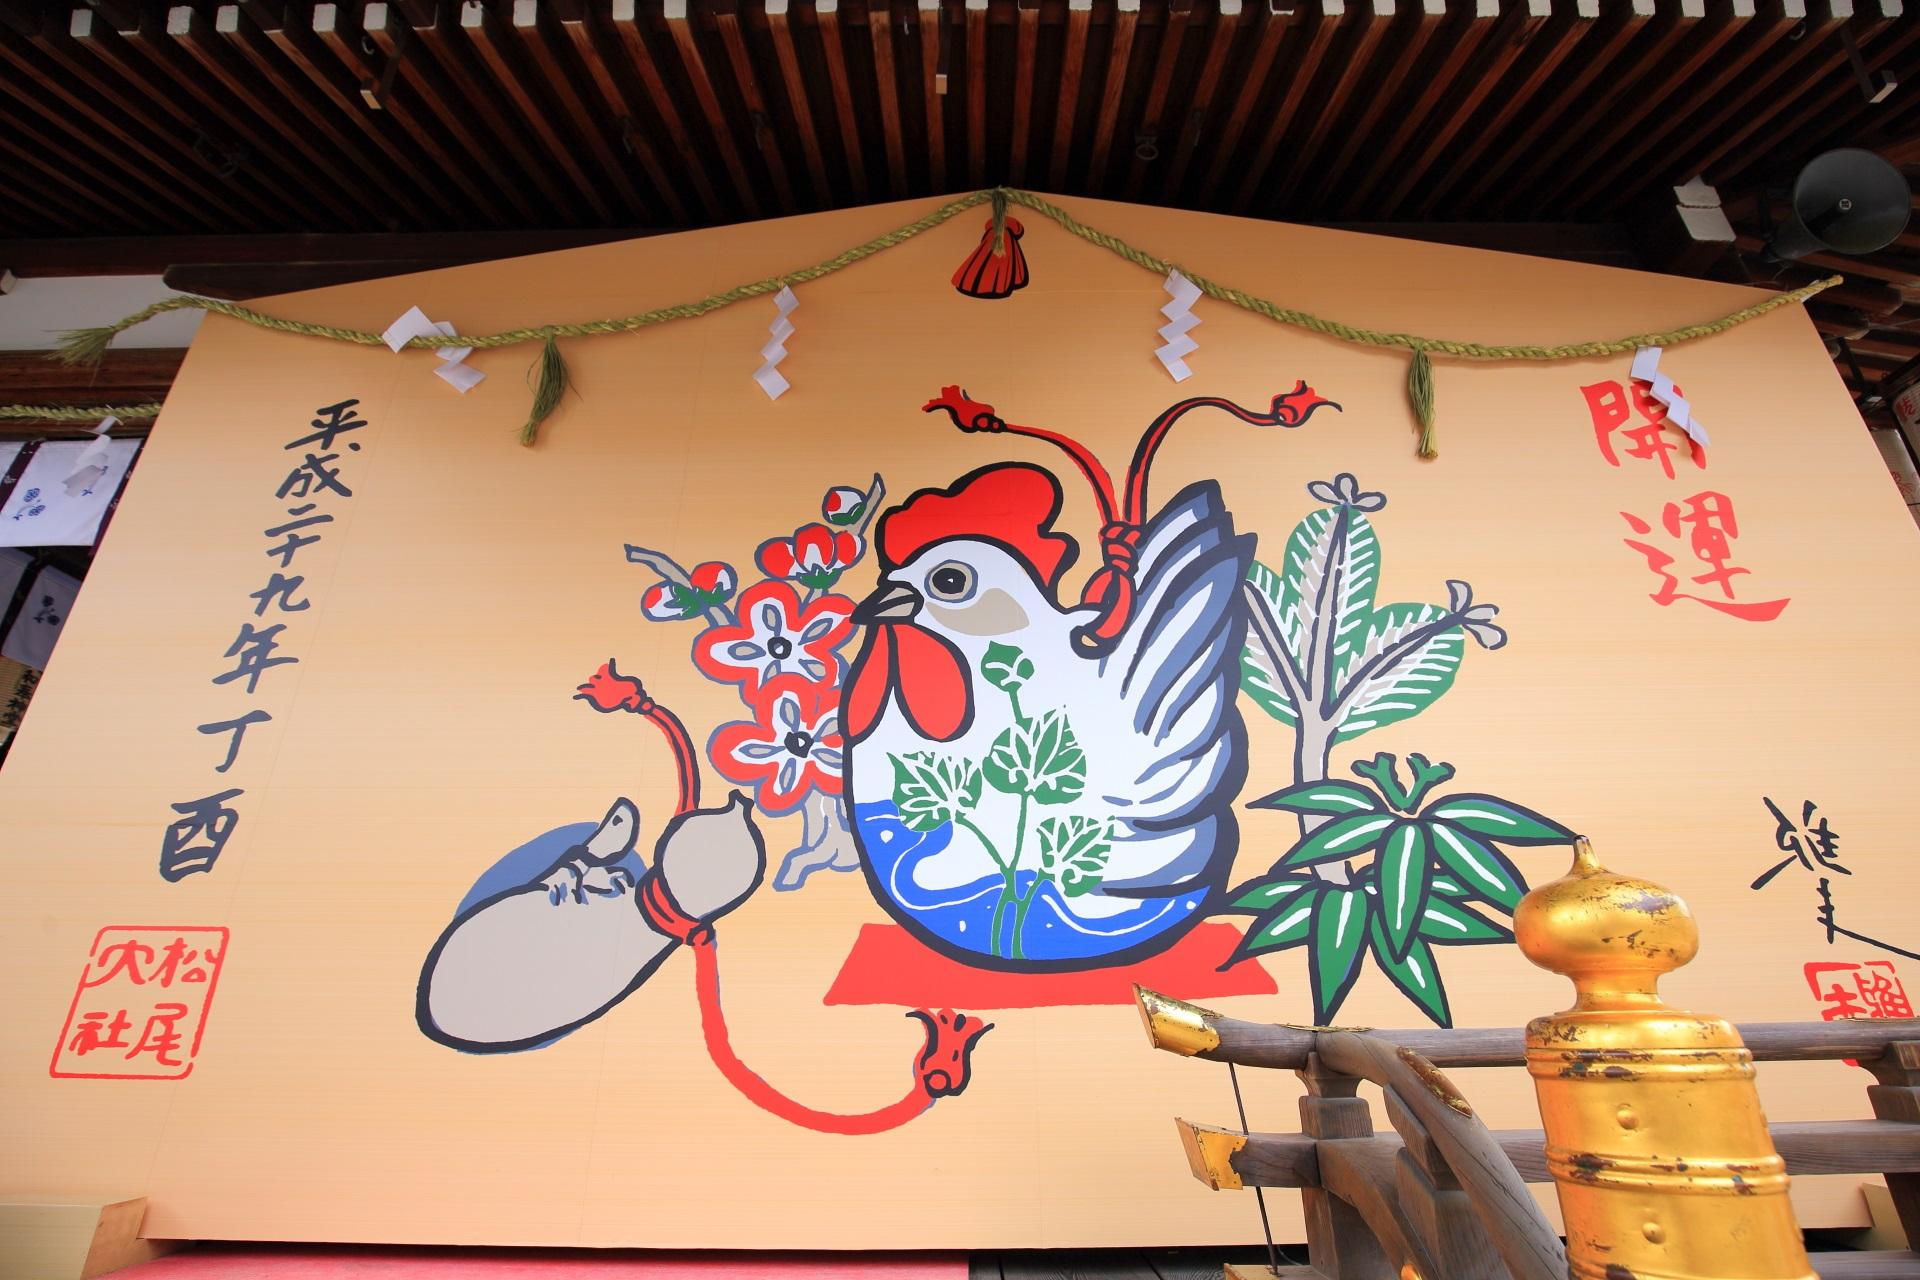 京都松尾大社の酉年の可愛い大絵馬